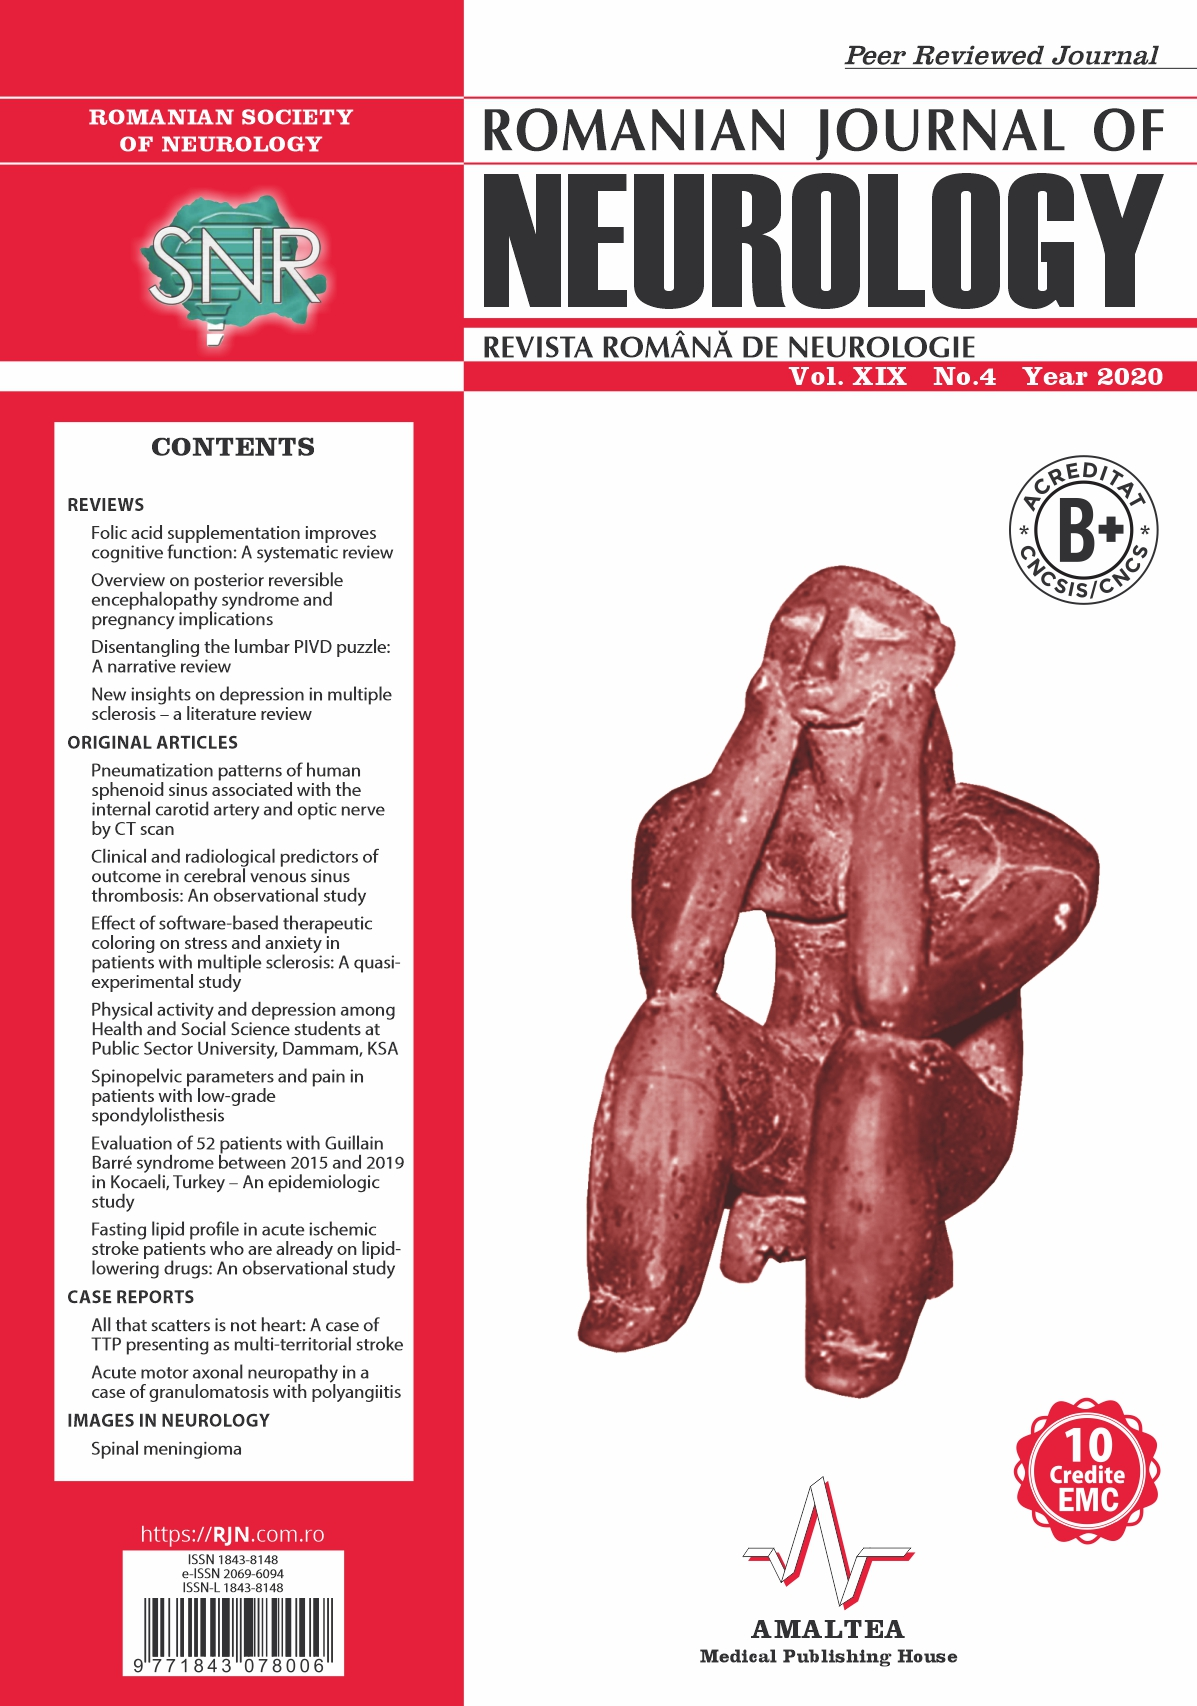 Romanian Journal of Neurology, Volume XIX, No. 4, 2020